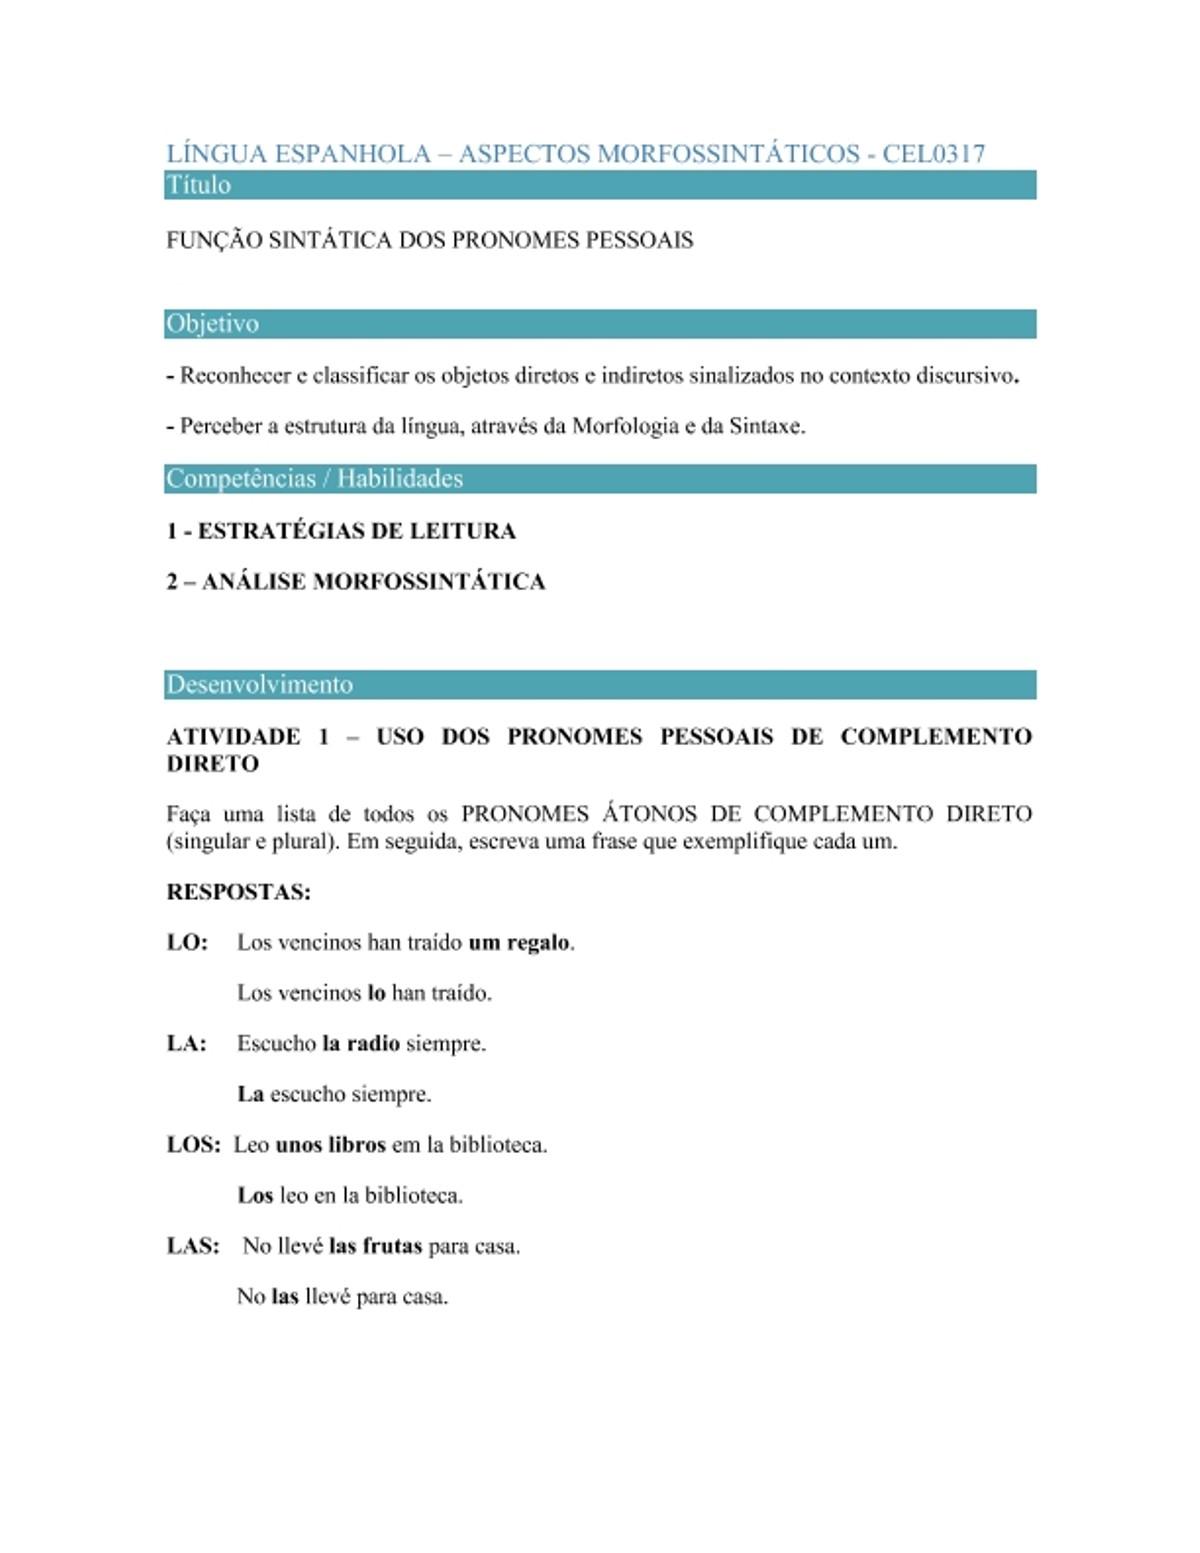 Pre-visualização do material ATIVIDADE ESTRUTURADA ASPC. MORF. - página 1